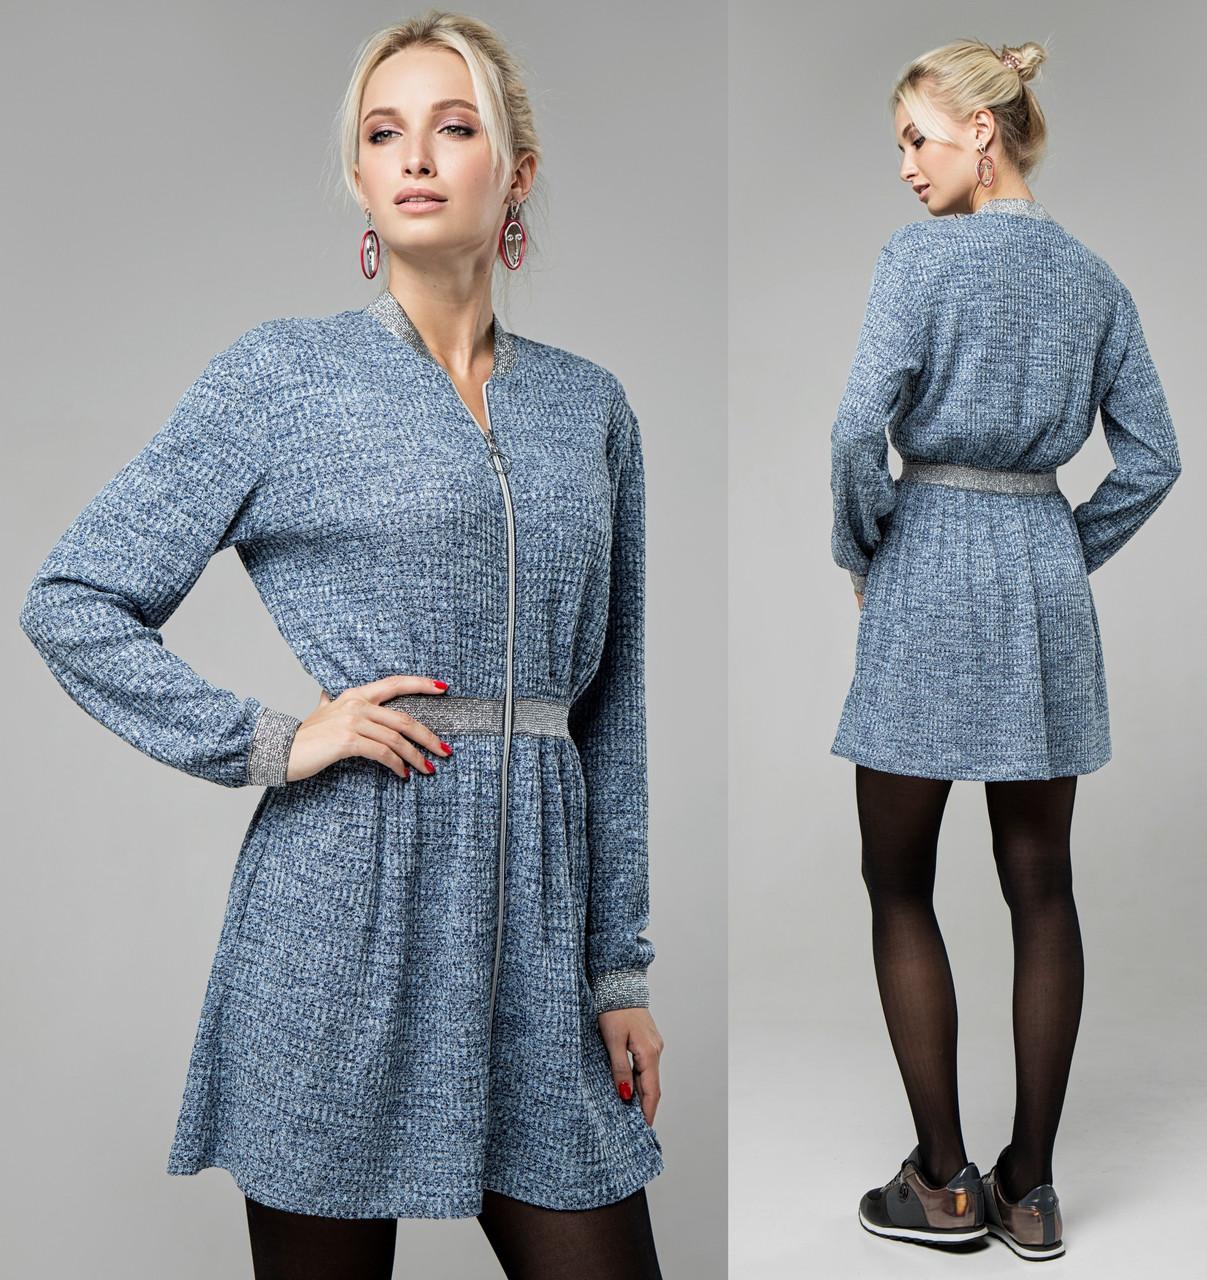 0f09f63a10c Вязаное платье теплое женское офисное демисезоное с длинным рукавом -  Интернет магазин Sport-sila.